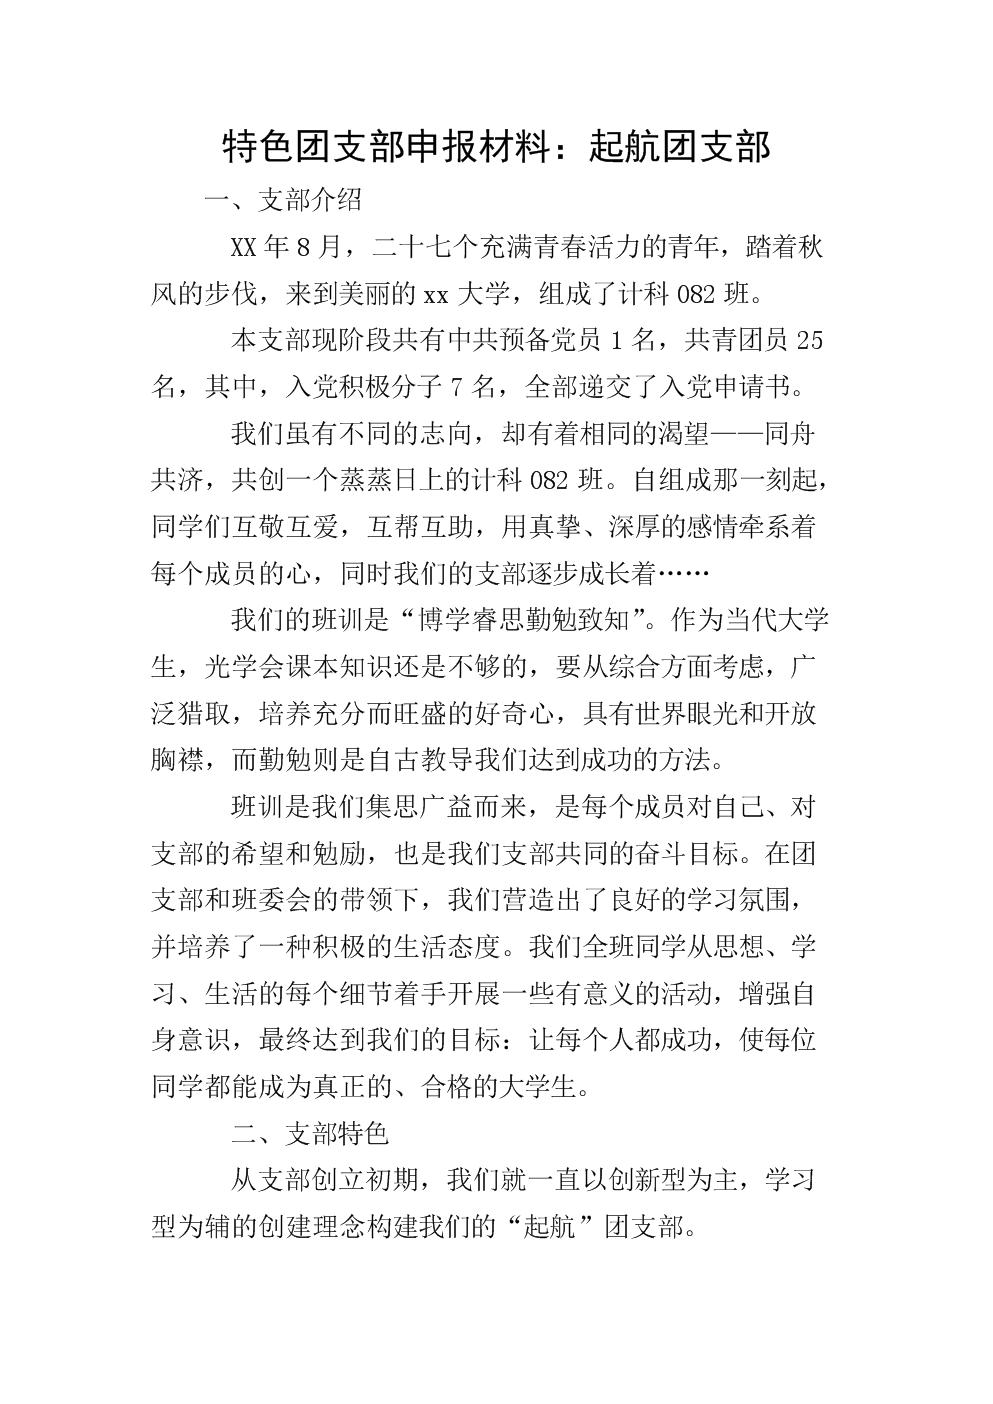 特色团支部申报材料:起航团支部.doc